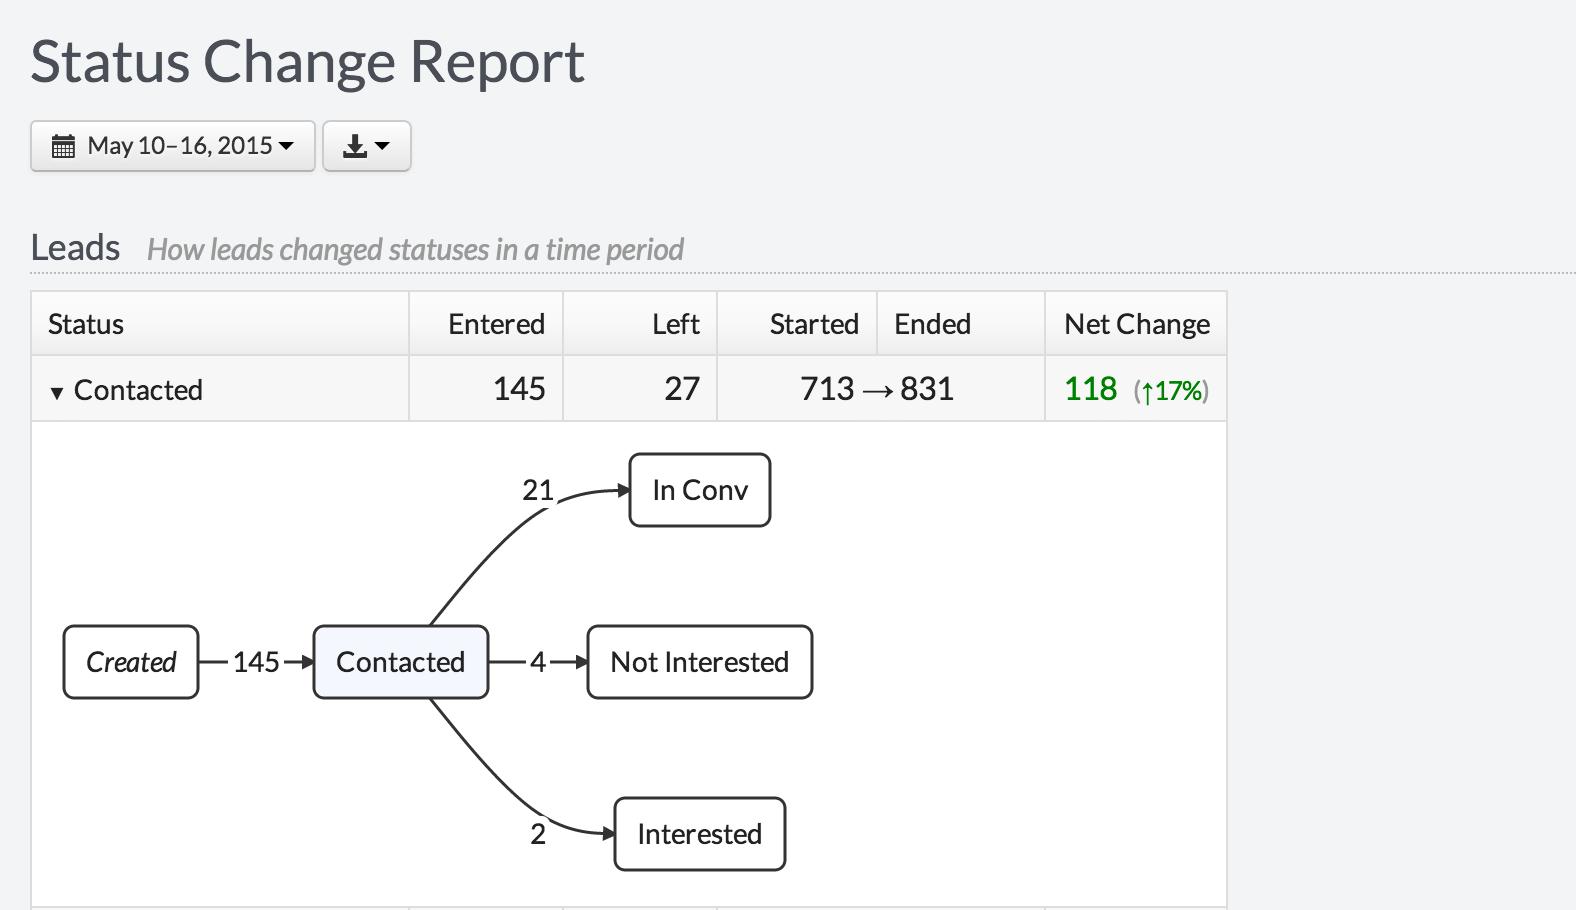 crm-status-change-metrics-reporting